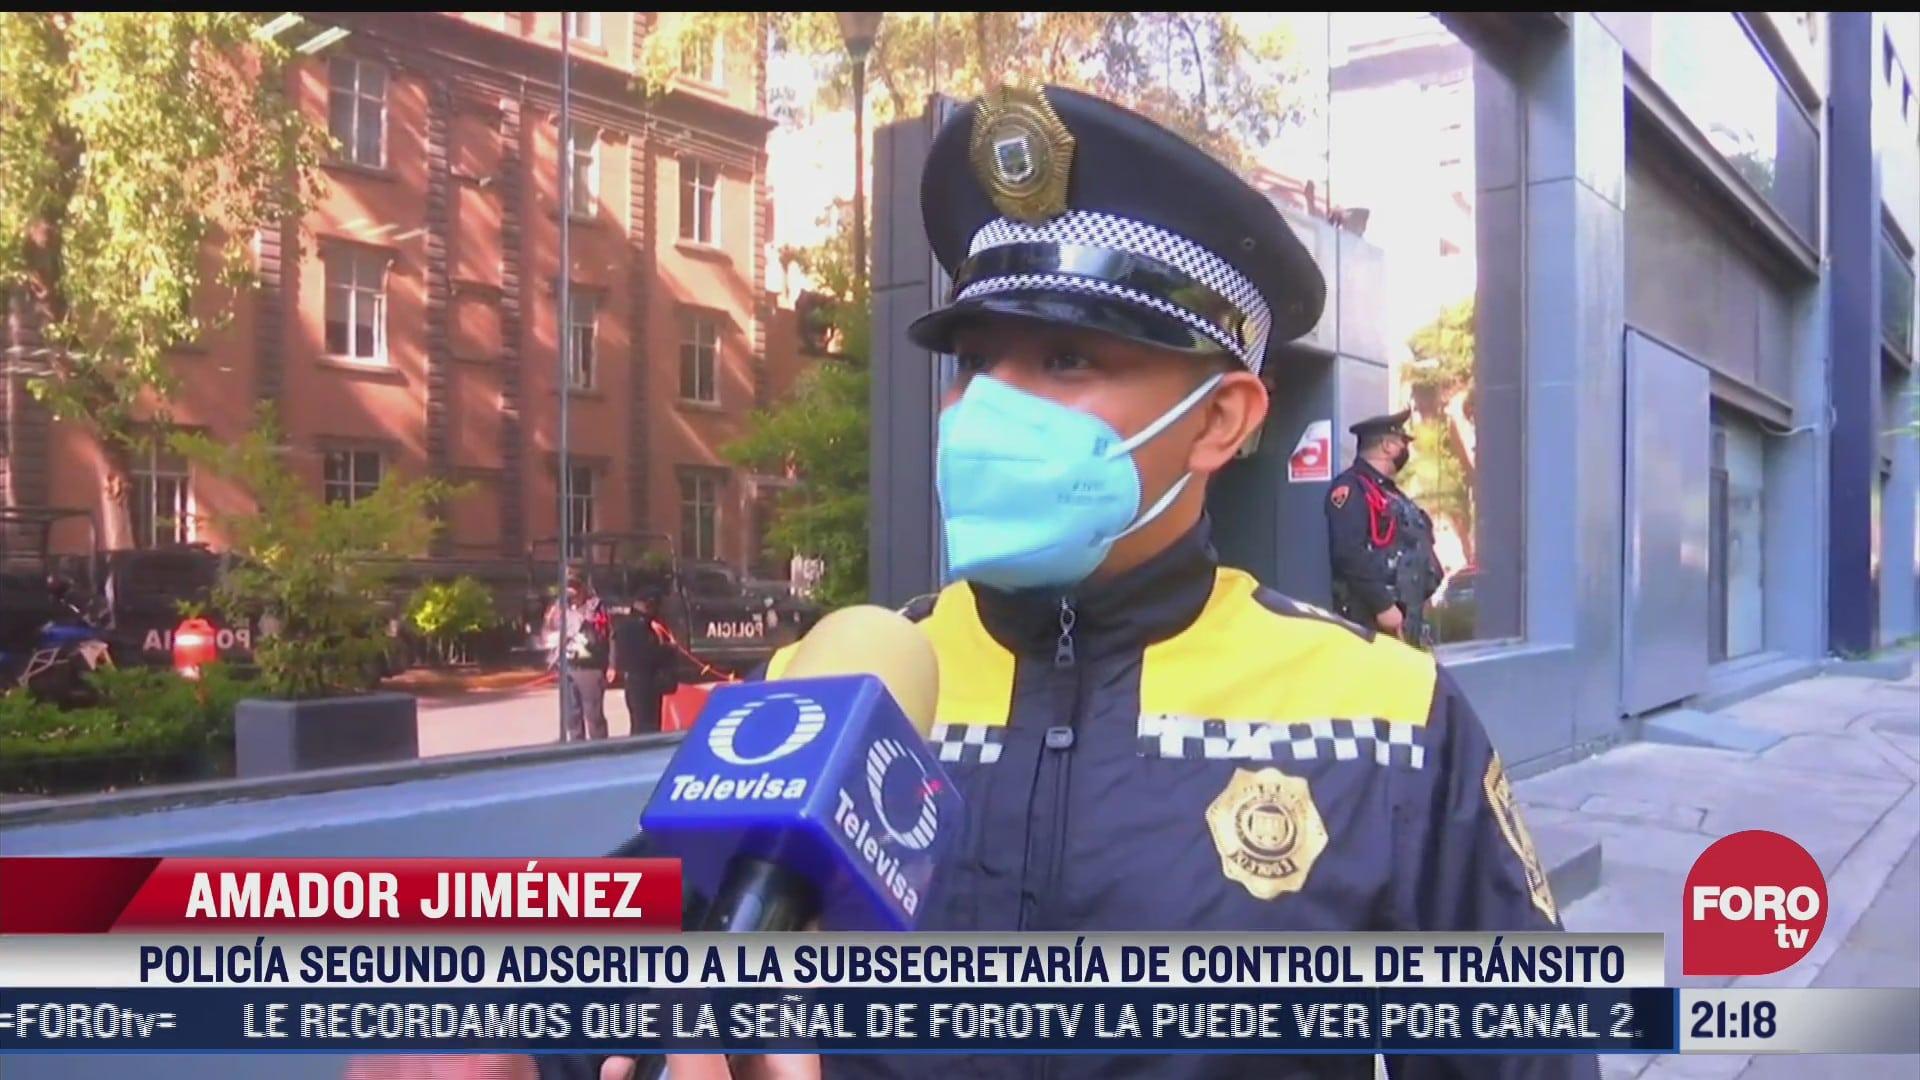 policias de transito en cdmx expuestos a agresiones